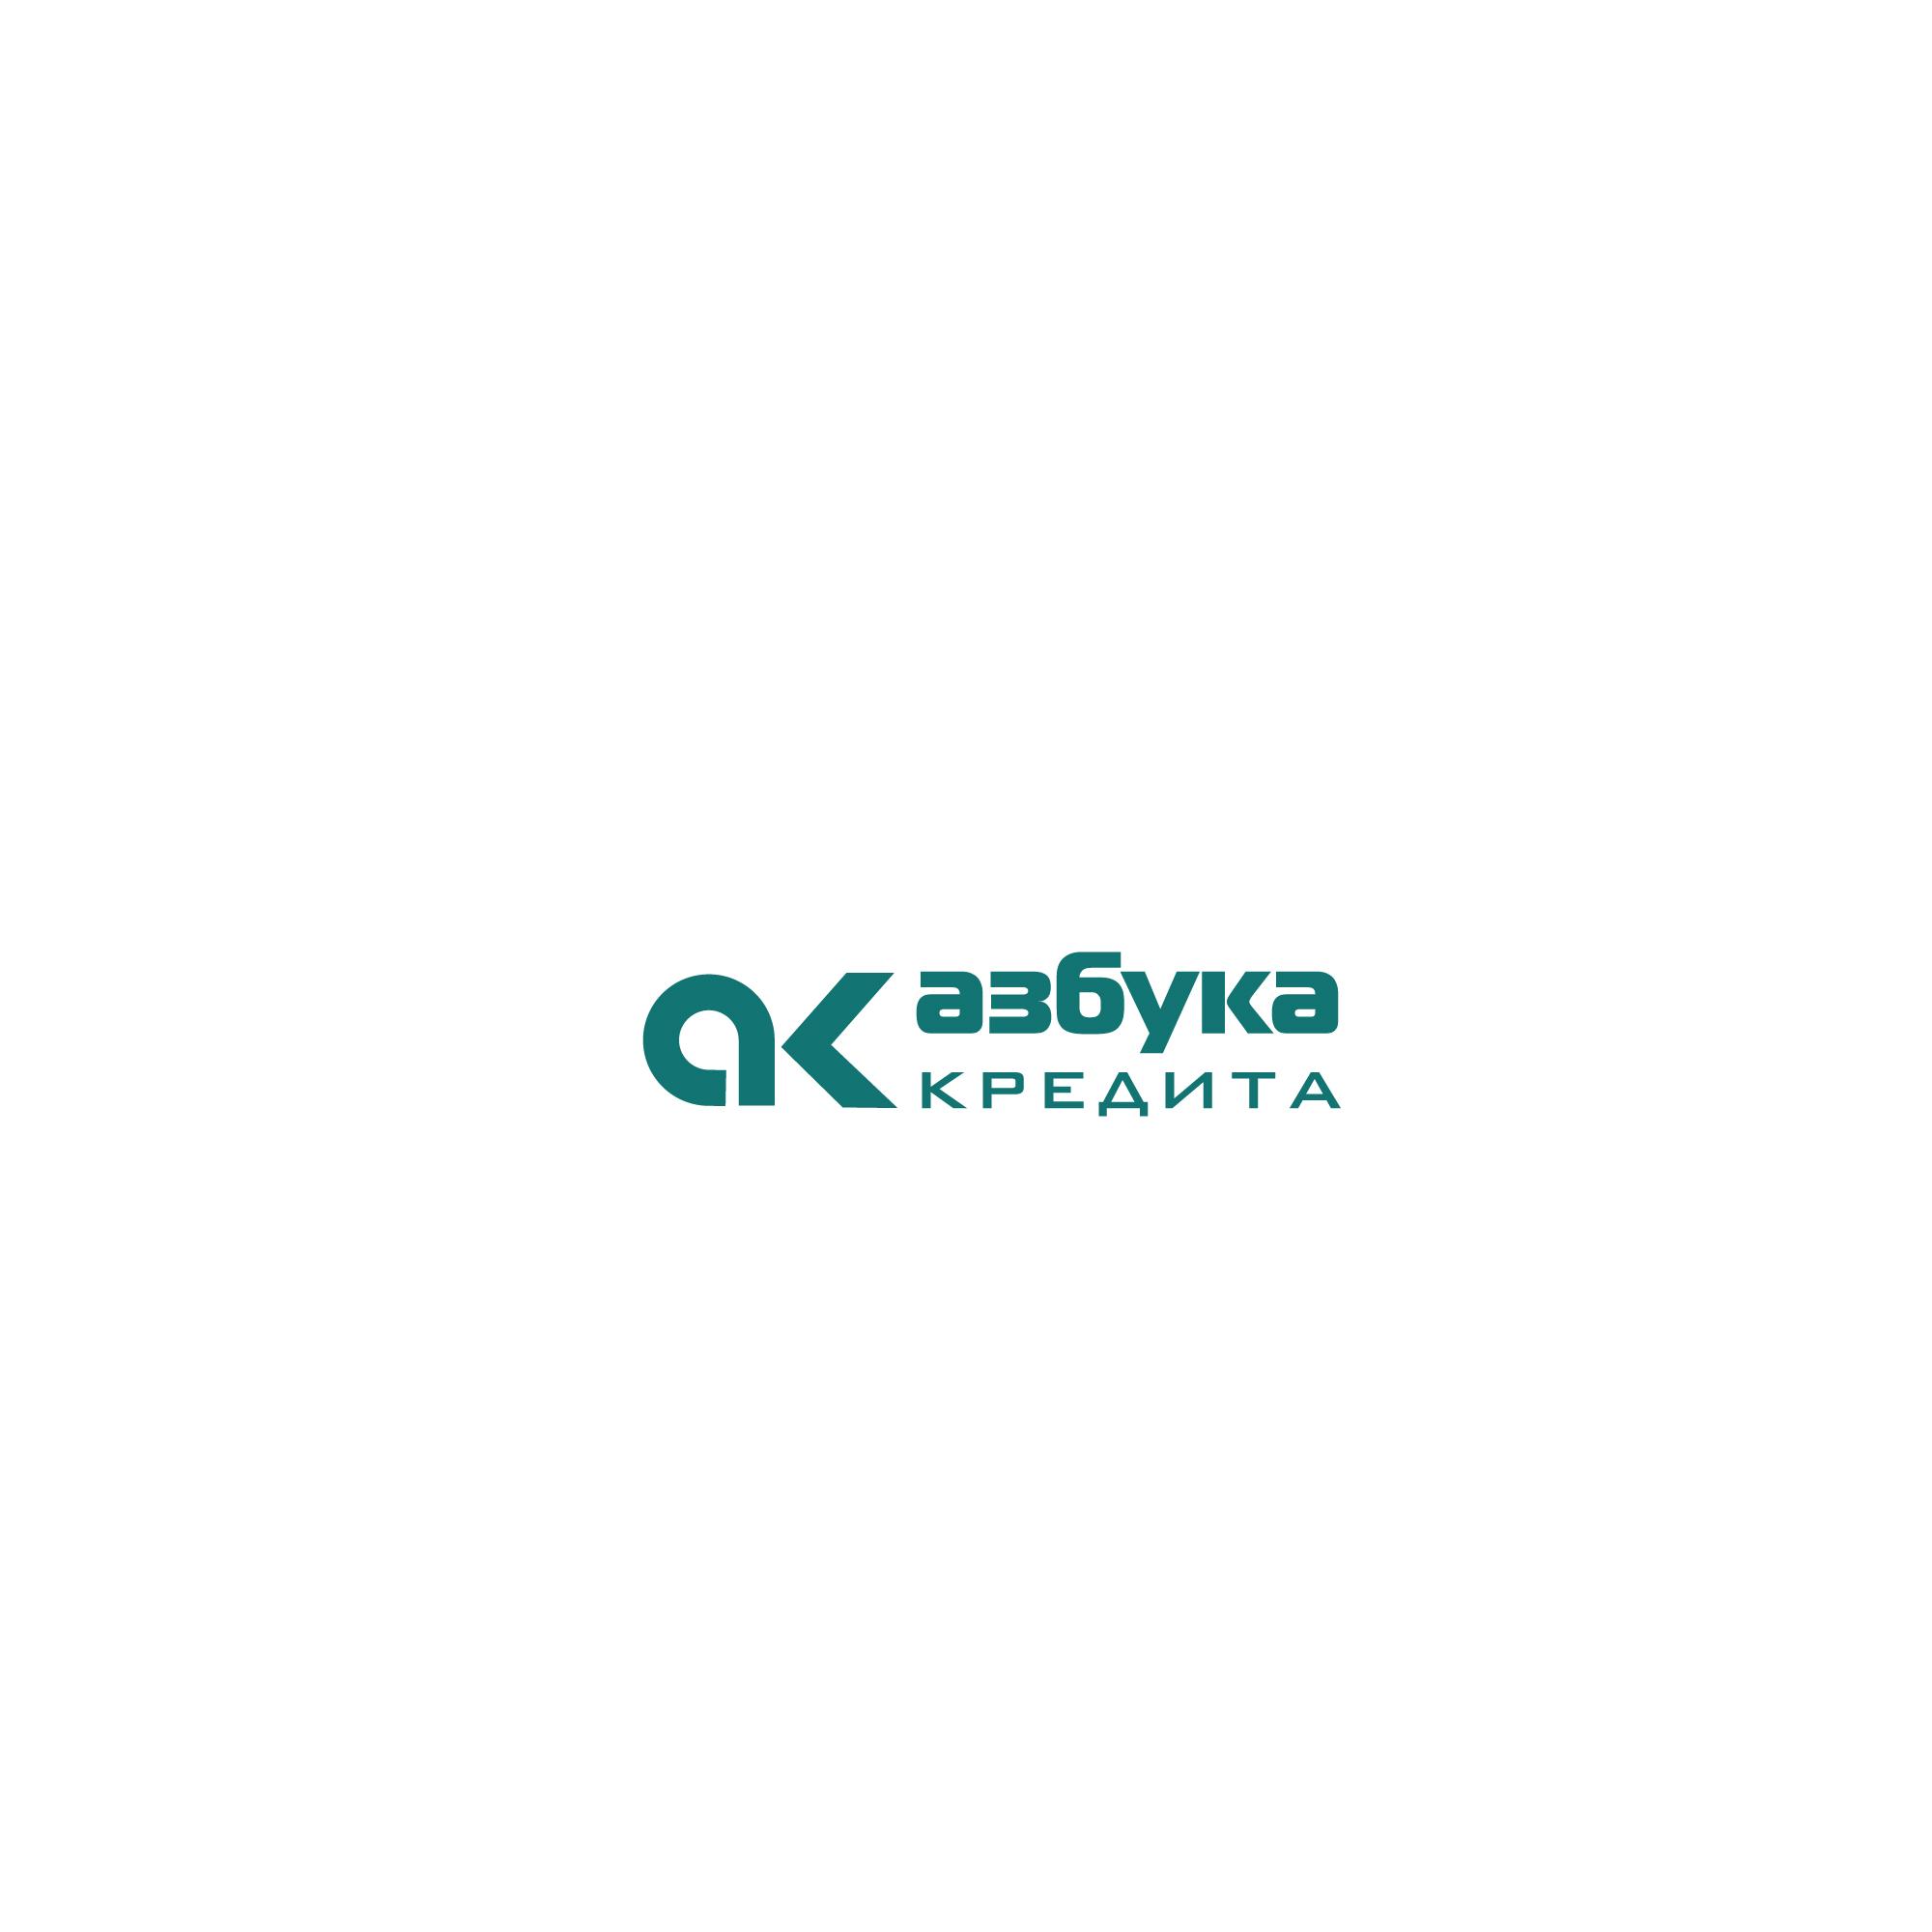 Разработать логотип для финансовой компании фото f_2495de6dfa0af560.jpg